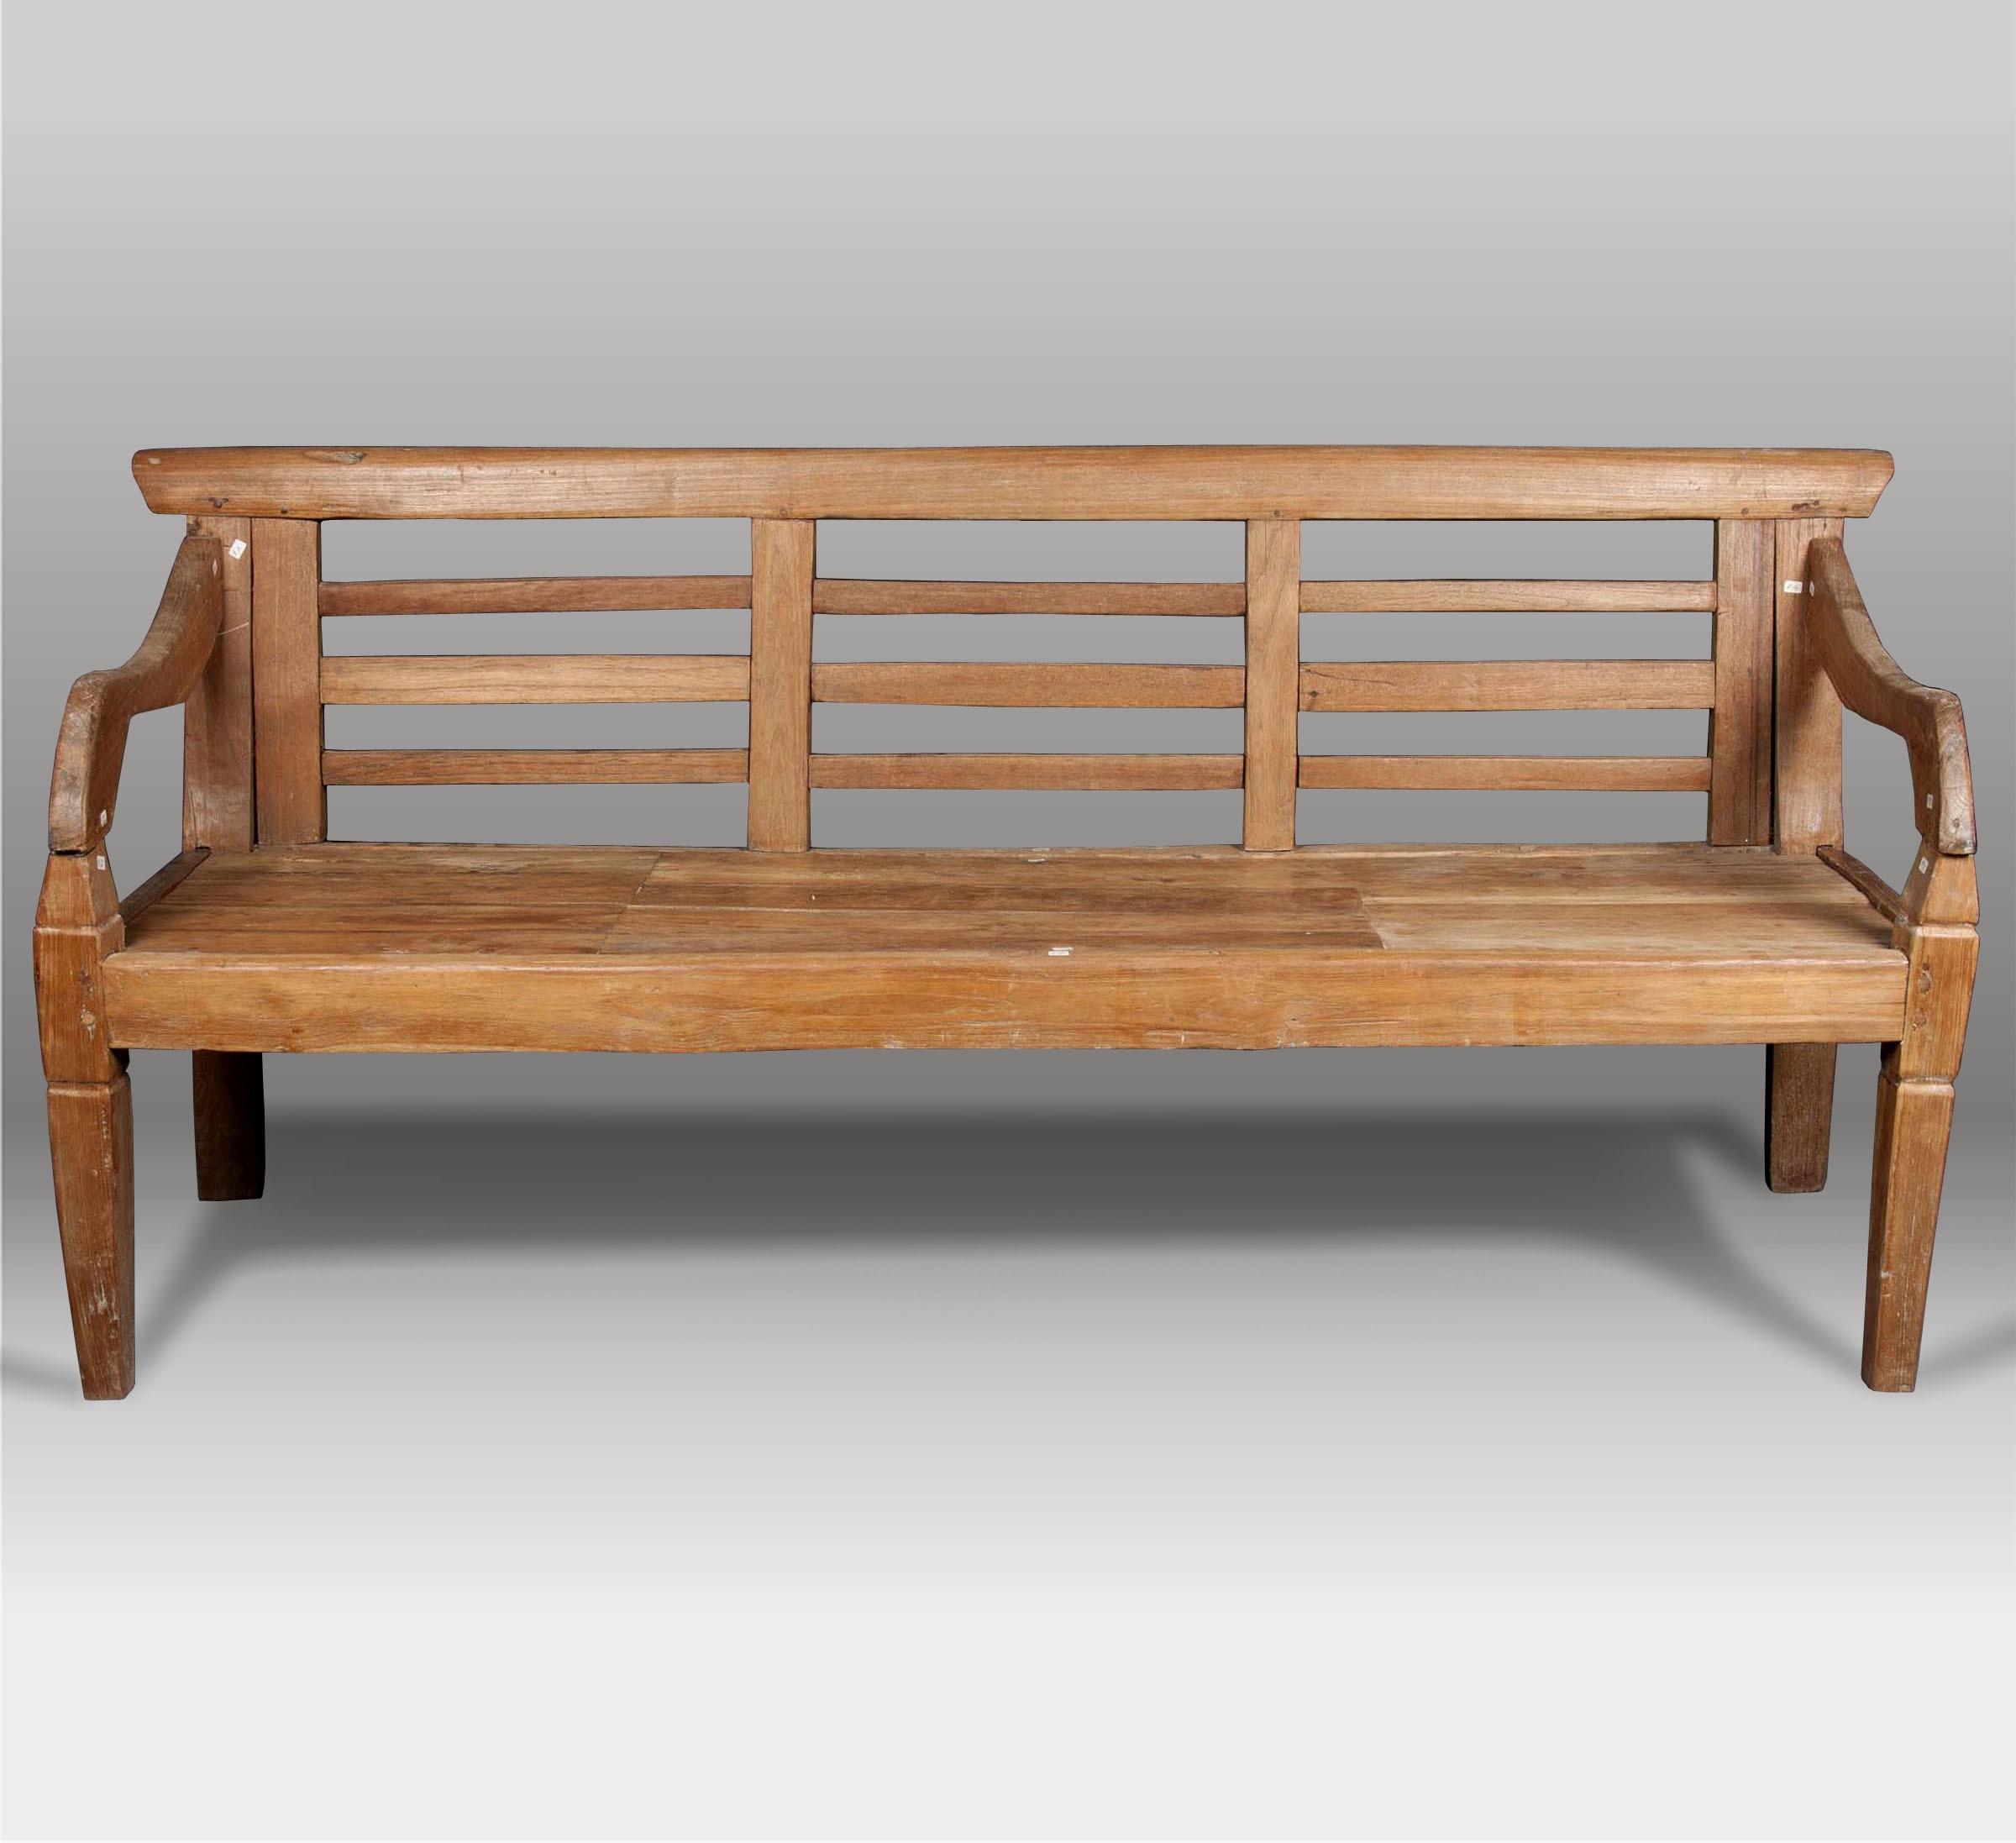 Banco y banco de madera batavia - Fotos de bancos para sentarse ...